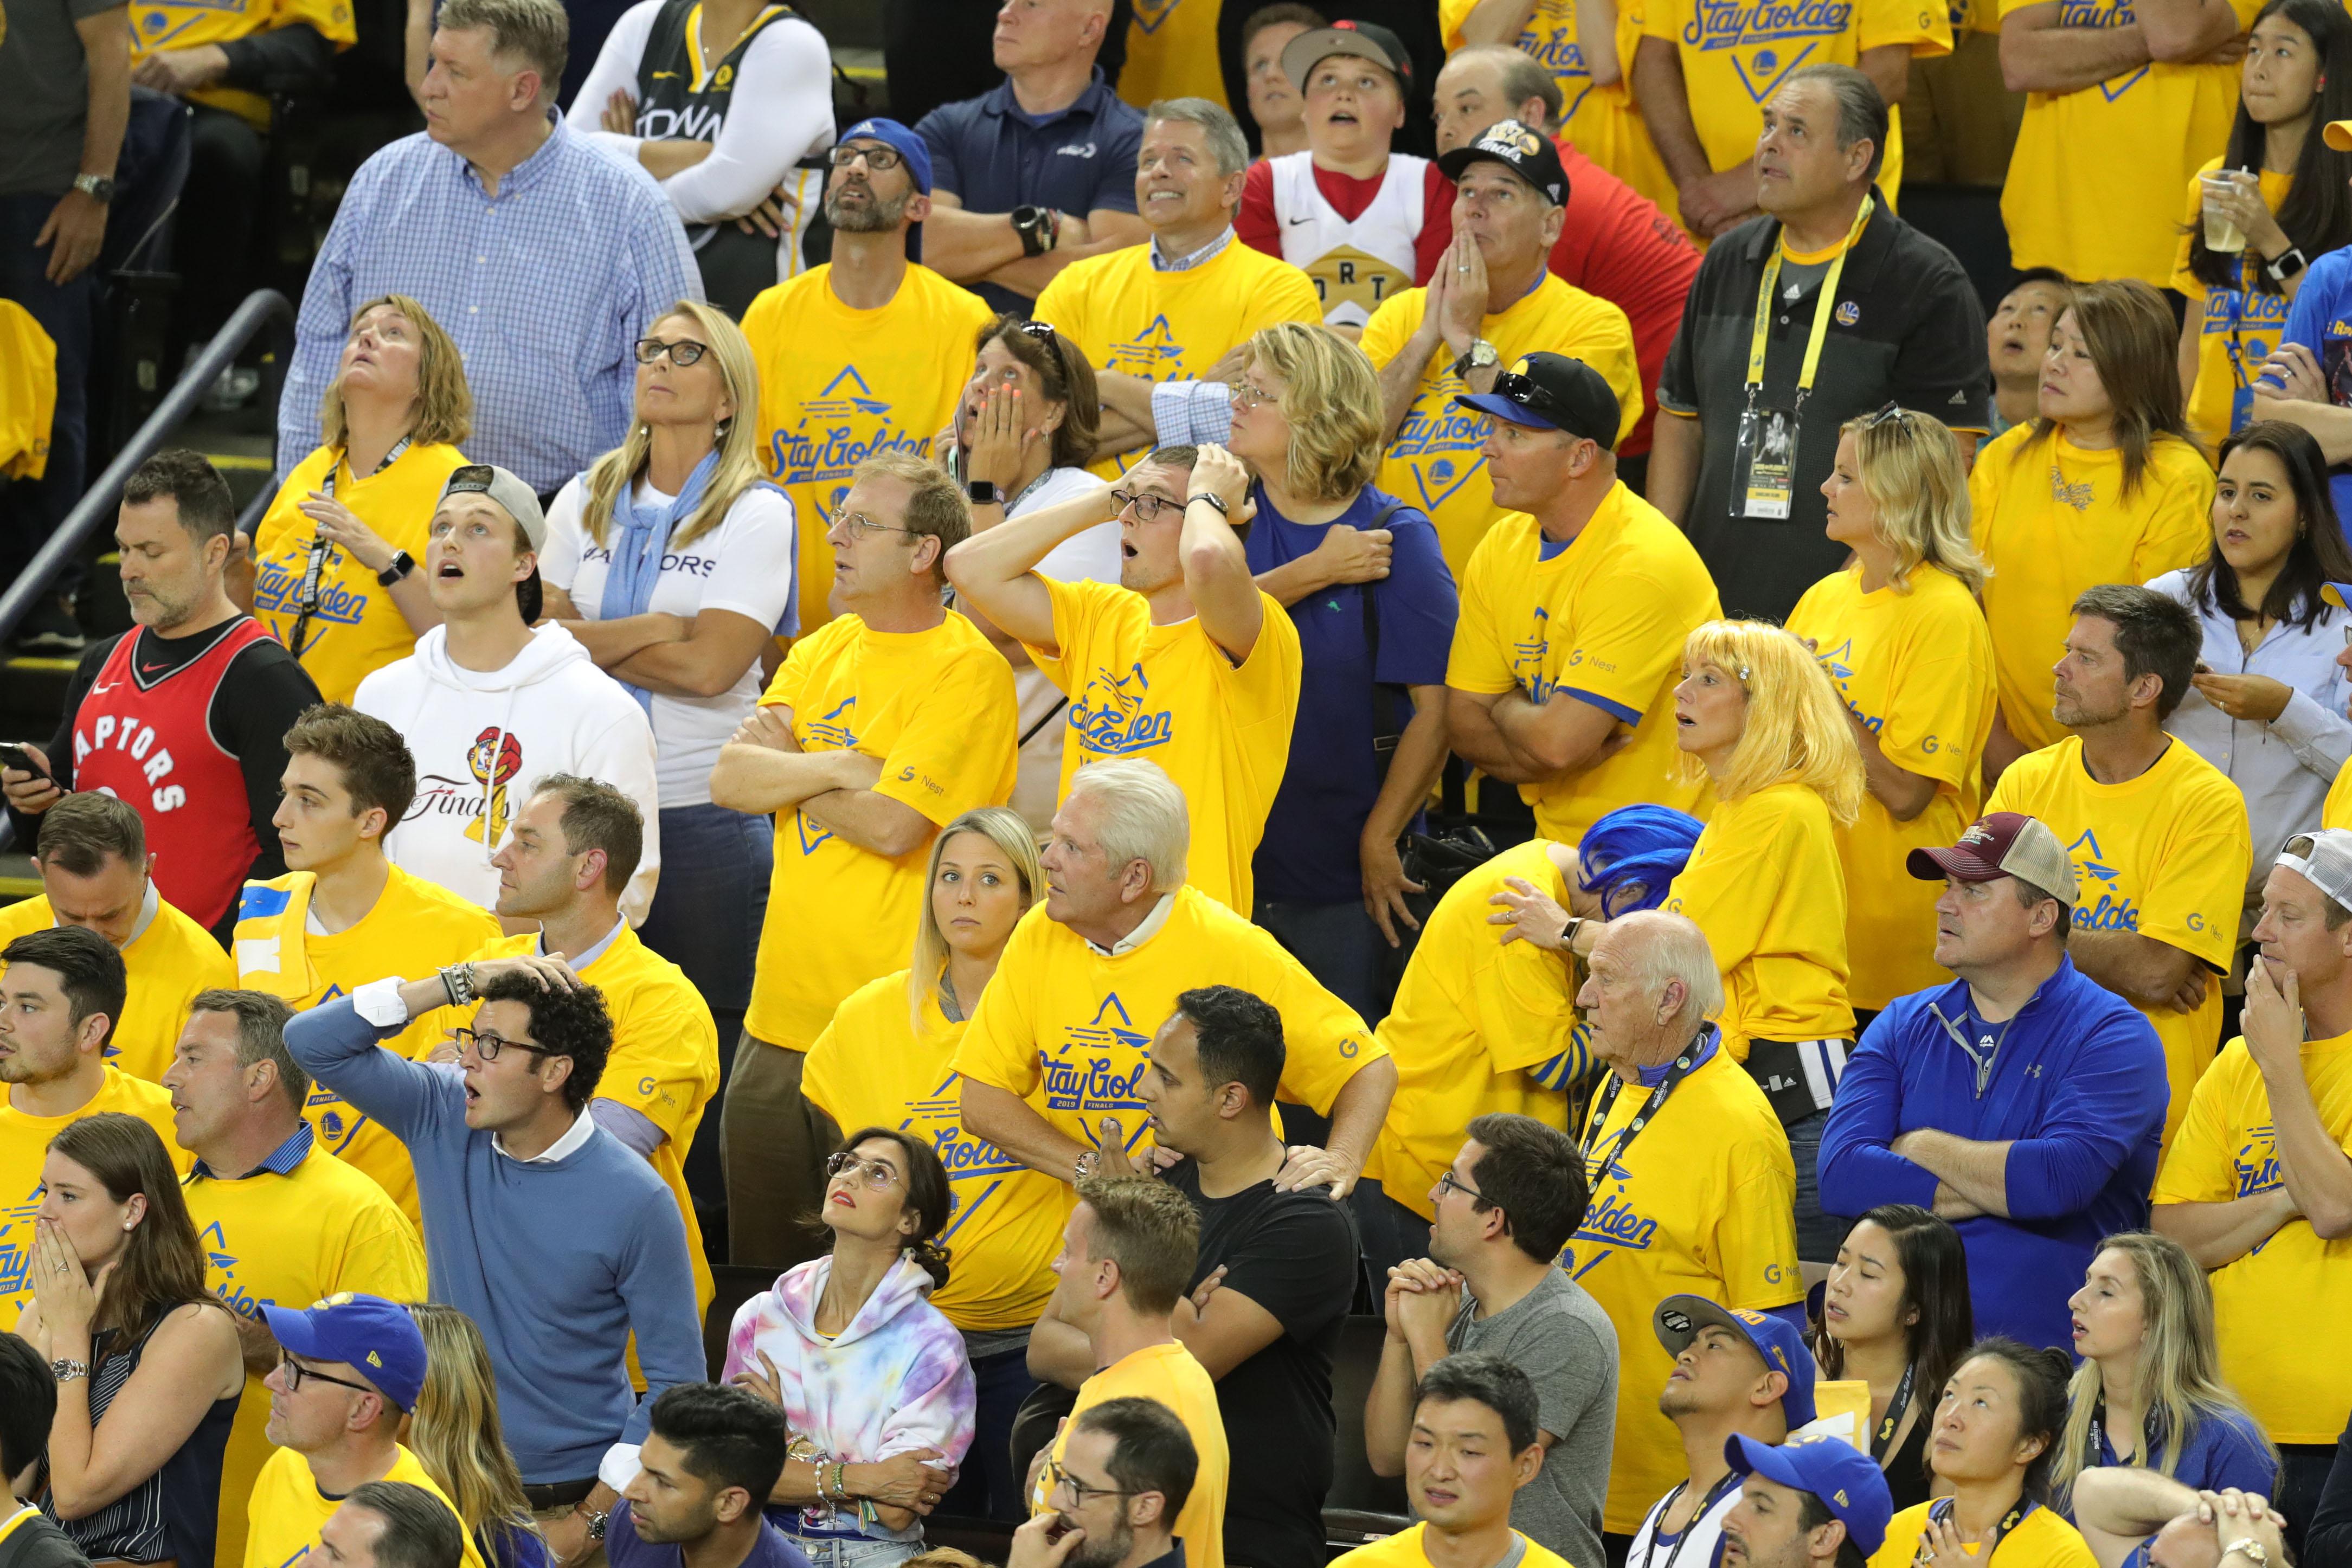 Warriors fans don't deserve this